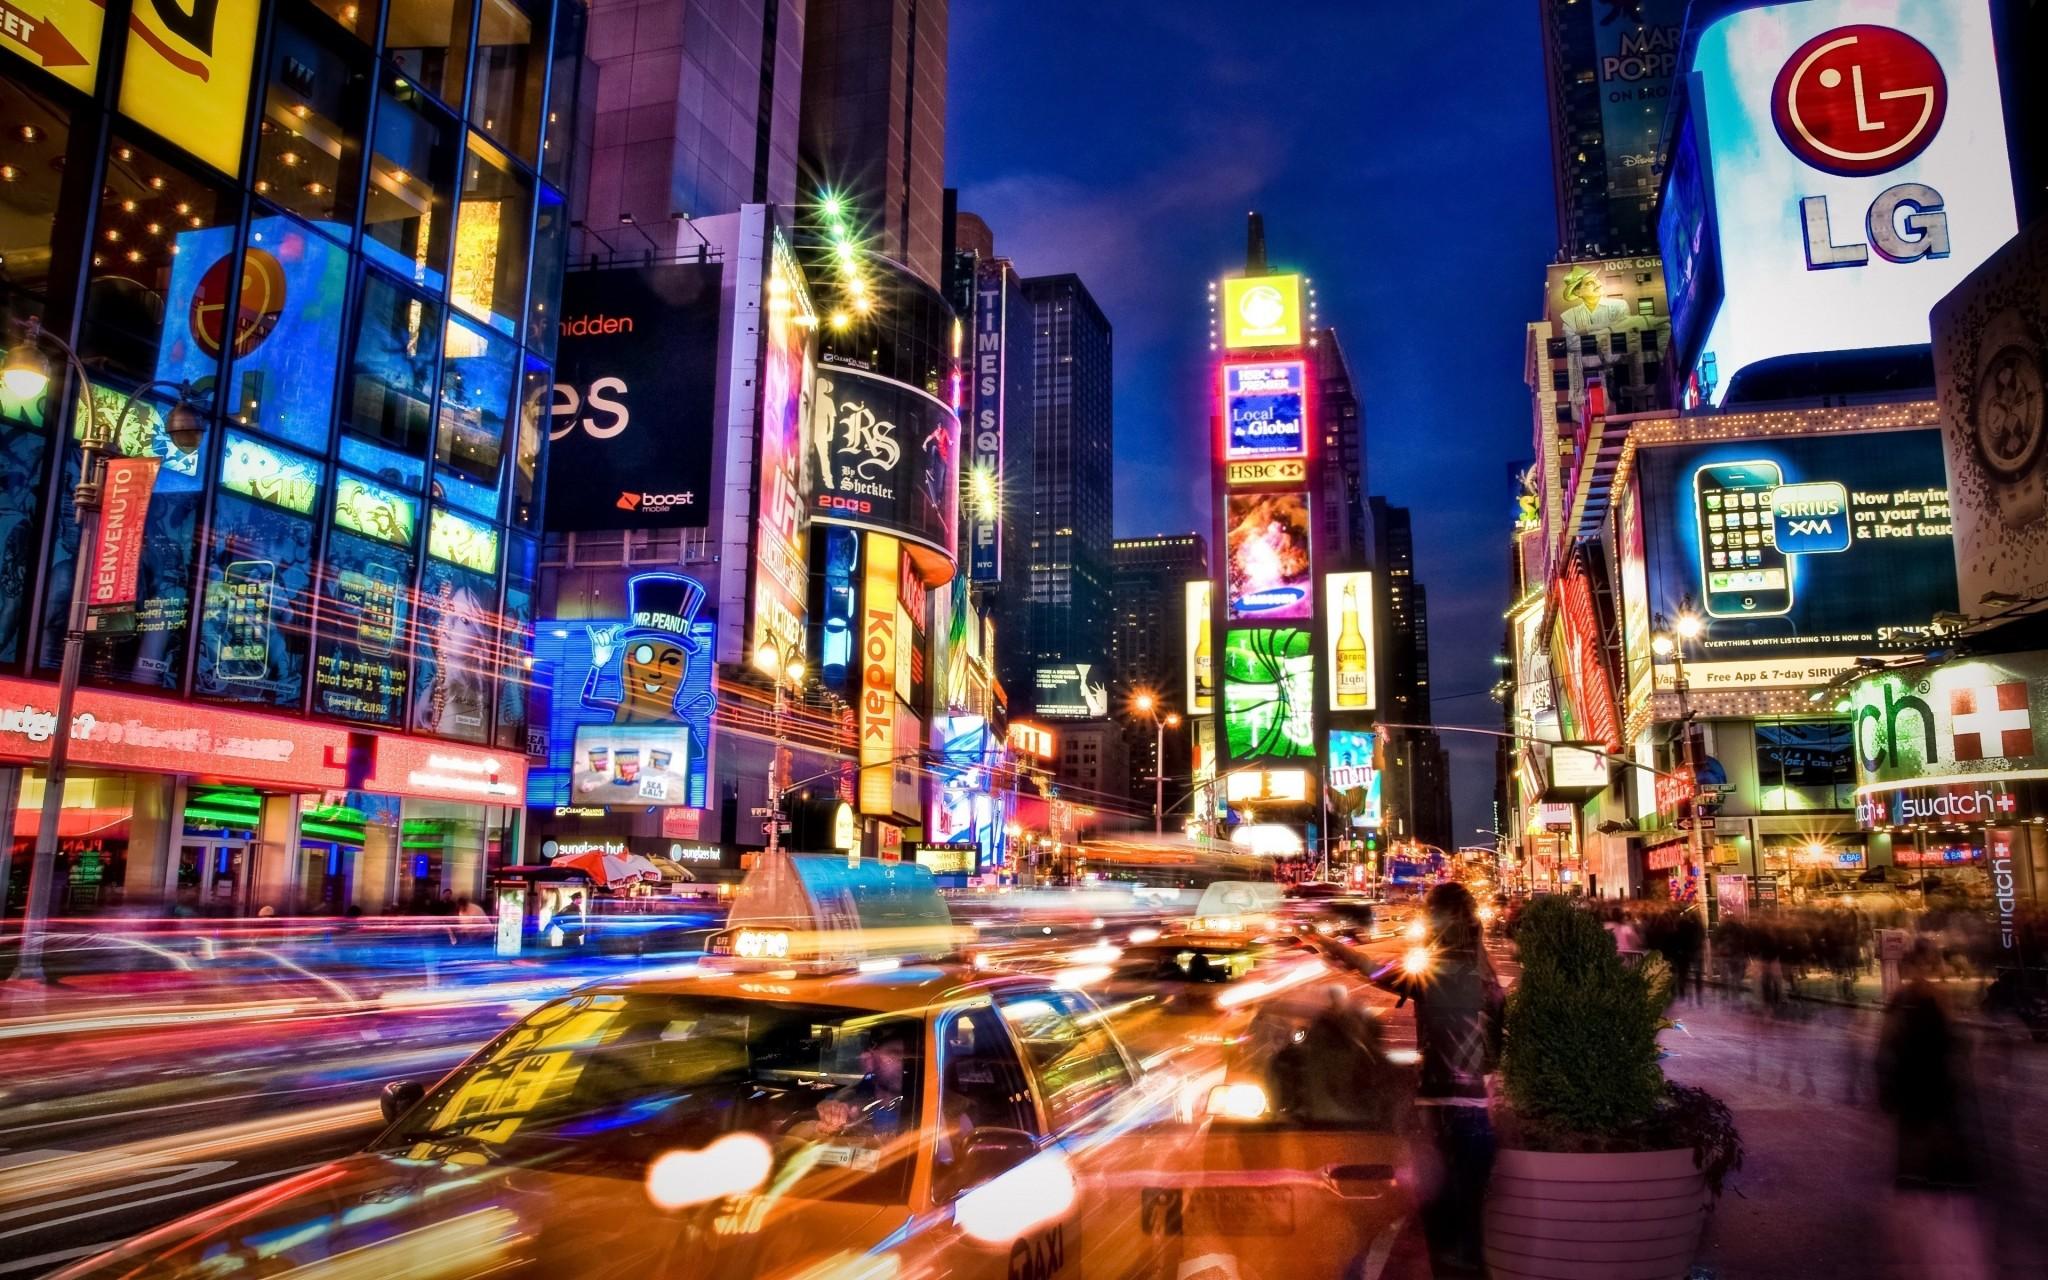 new york images for desktop background